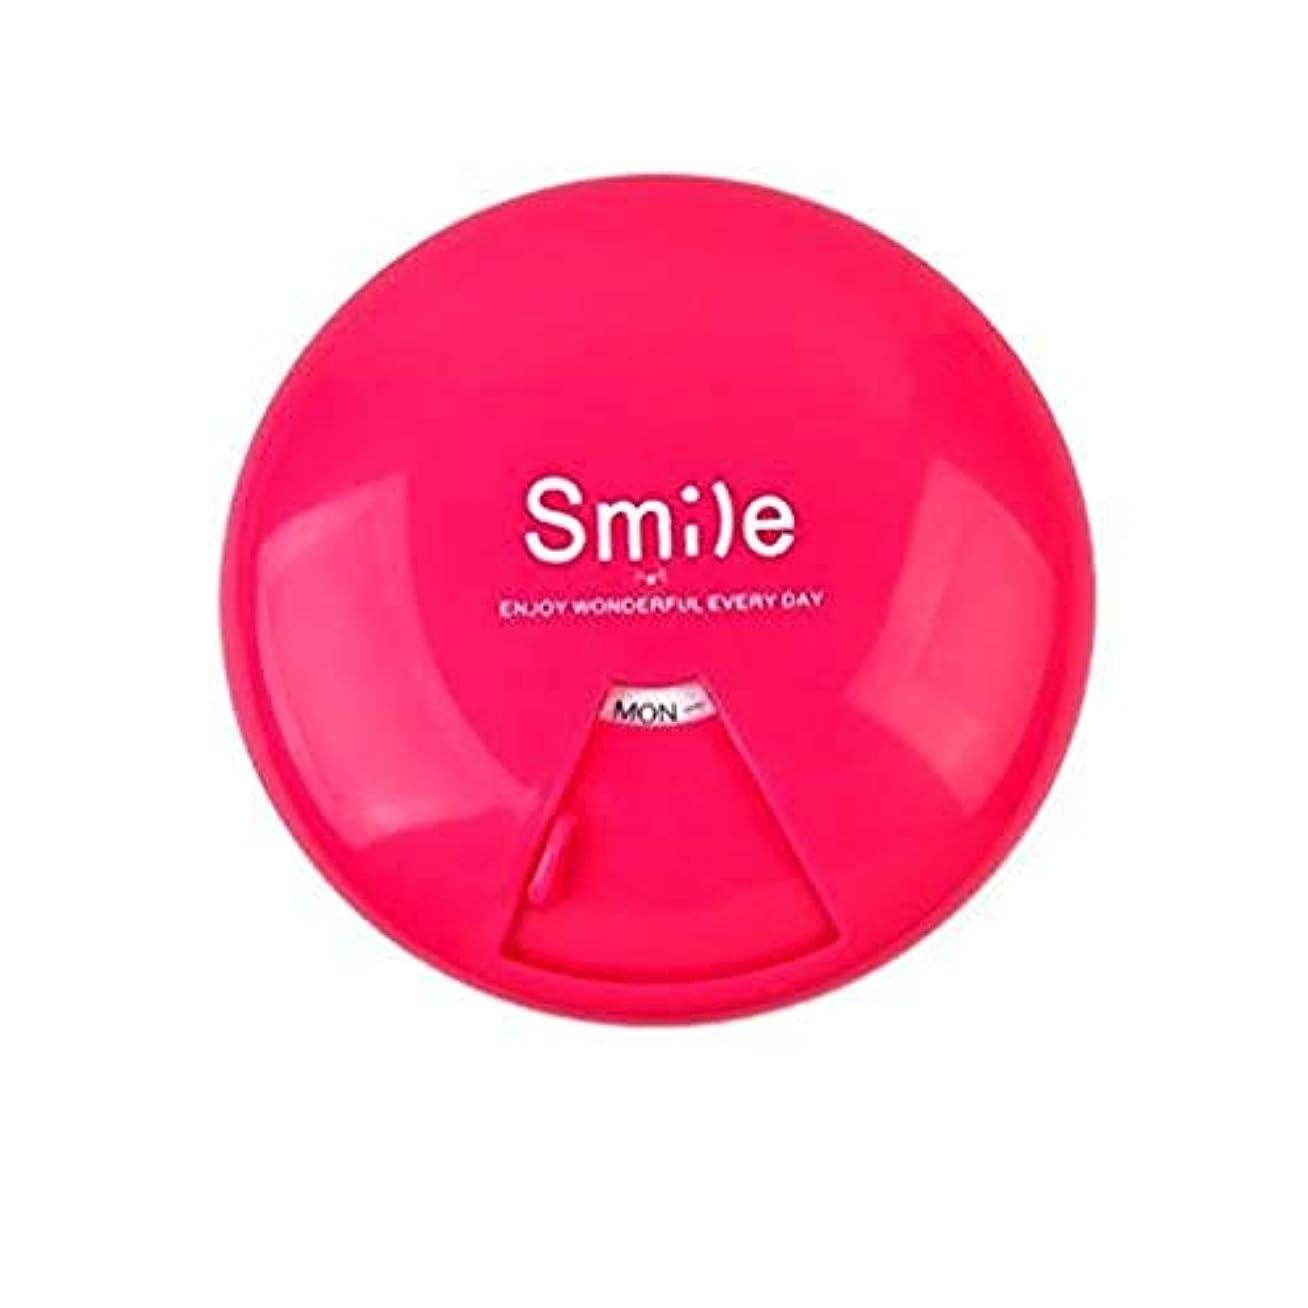 配管オレンジカスタムYxsd 応急処置キット キャンディソリッドカラー大型軽量1週間回転ポータブルタブレットプラスチック収納ボックス